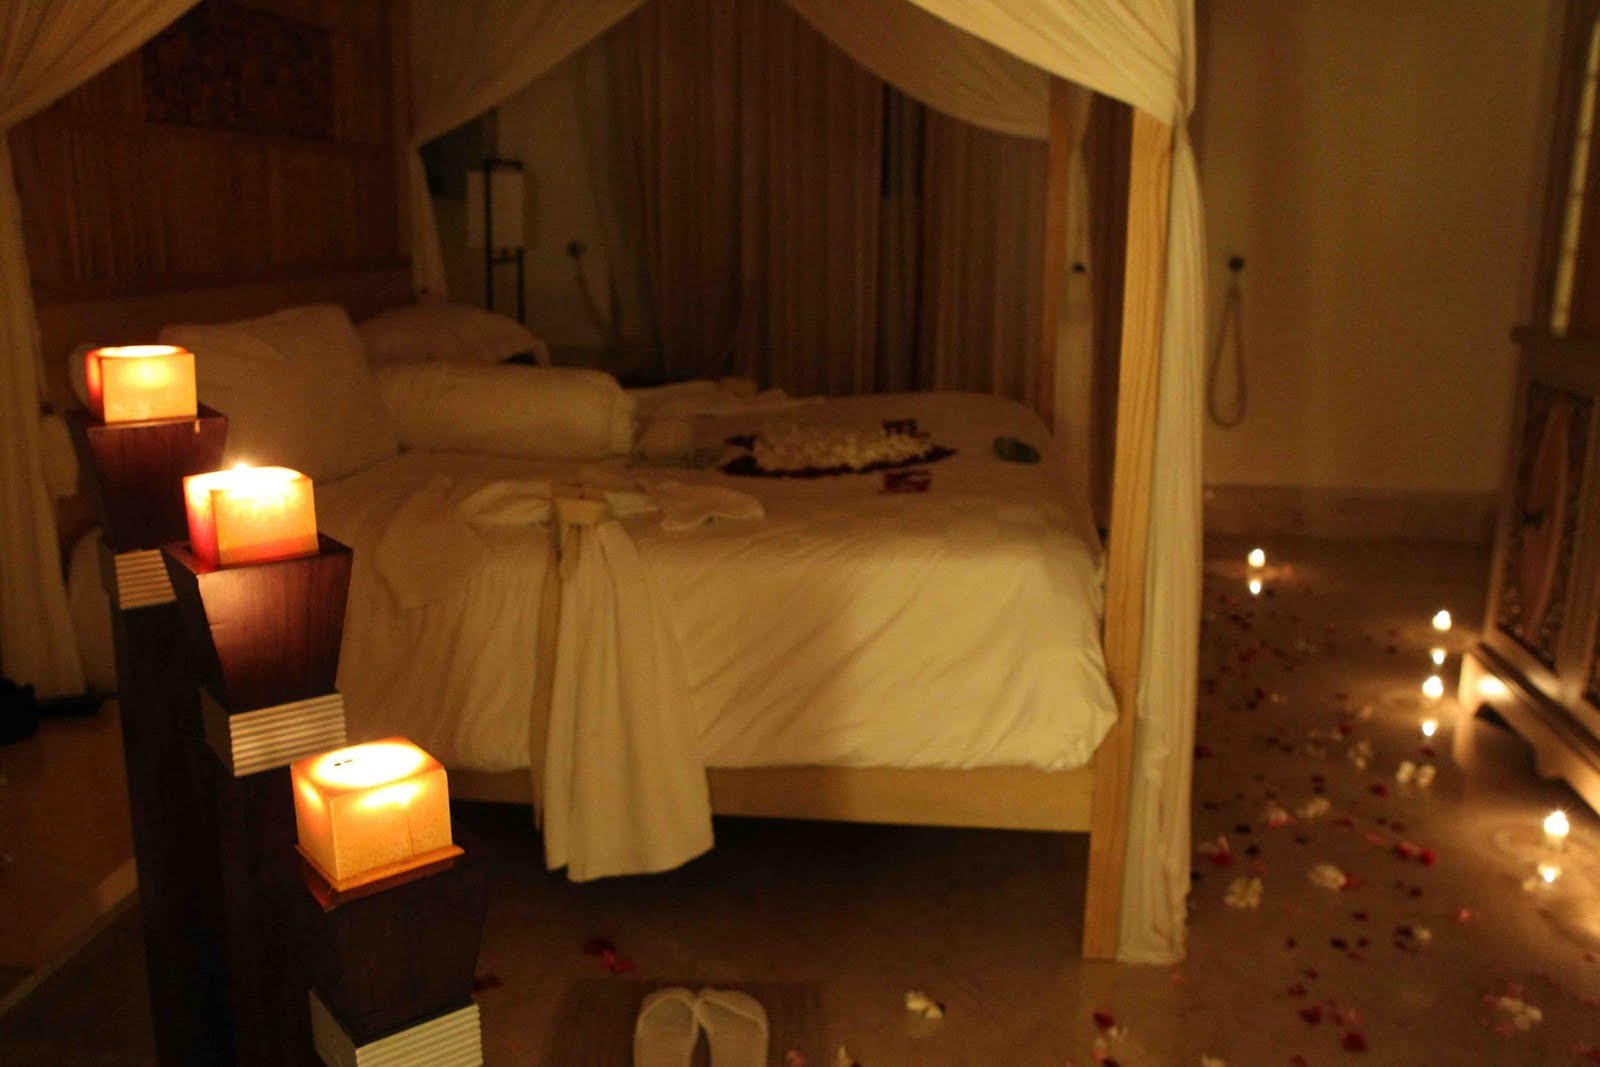 фото спальни при свечах отсылала